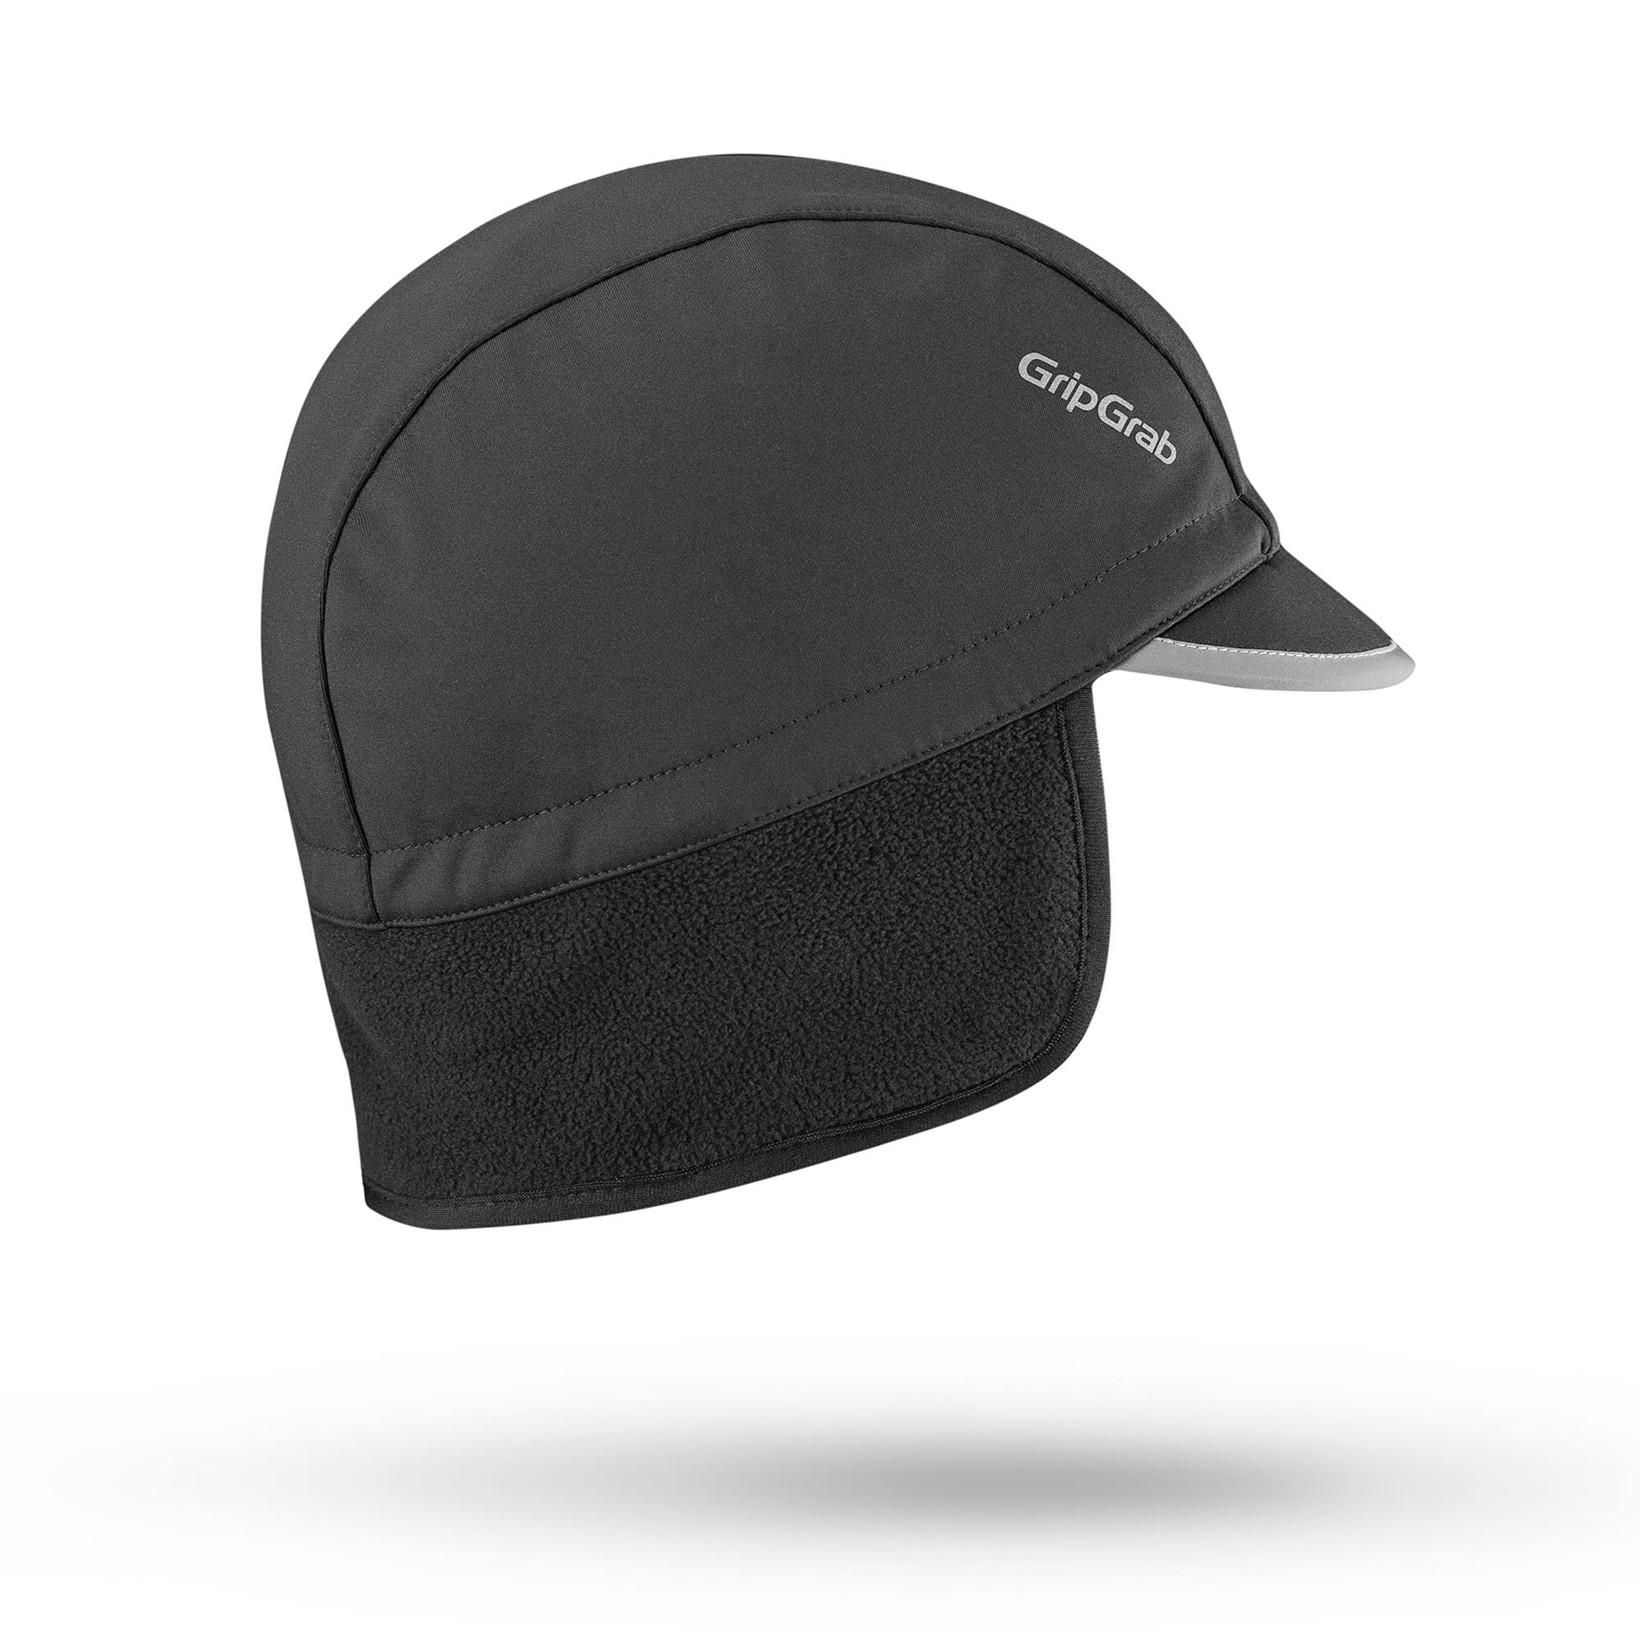 GRIPGRAB Winter Cycling Cap black 2017 | Headwear